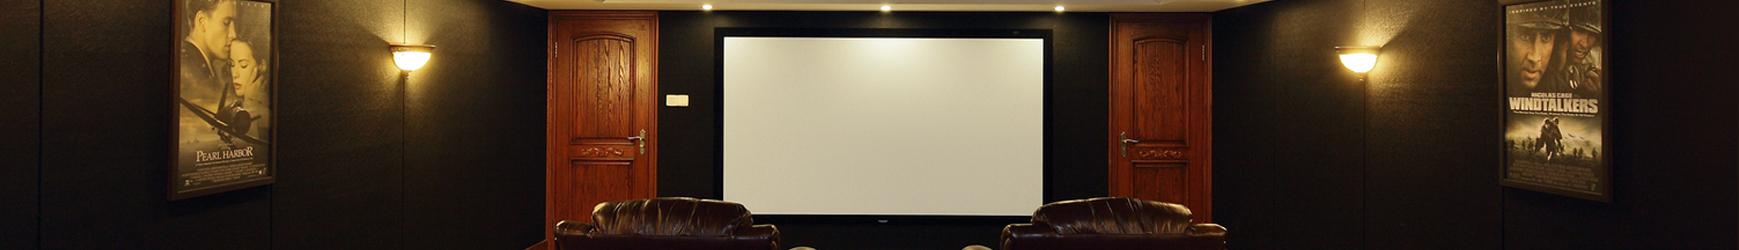 Ev Sinema Salonu Ses Yalıtımı